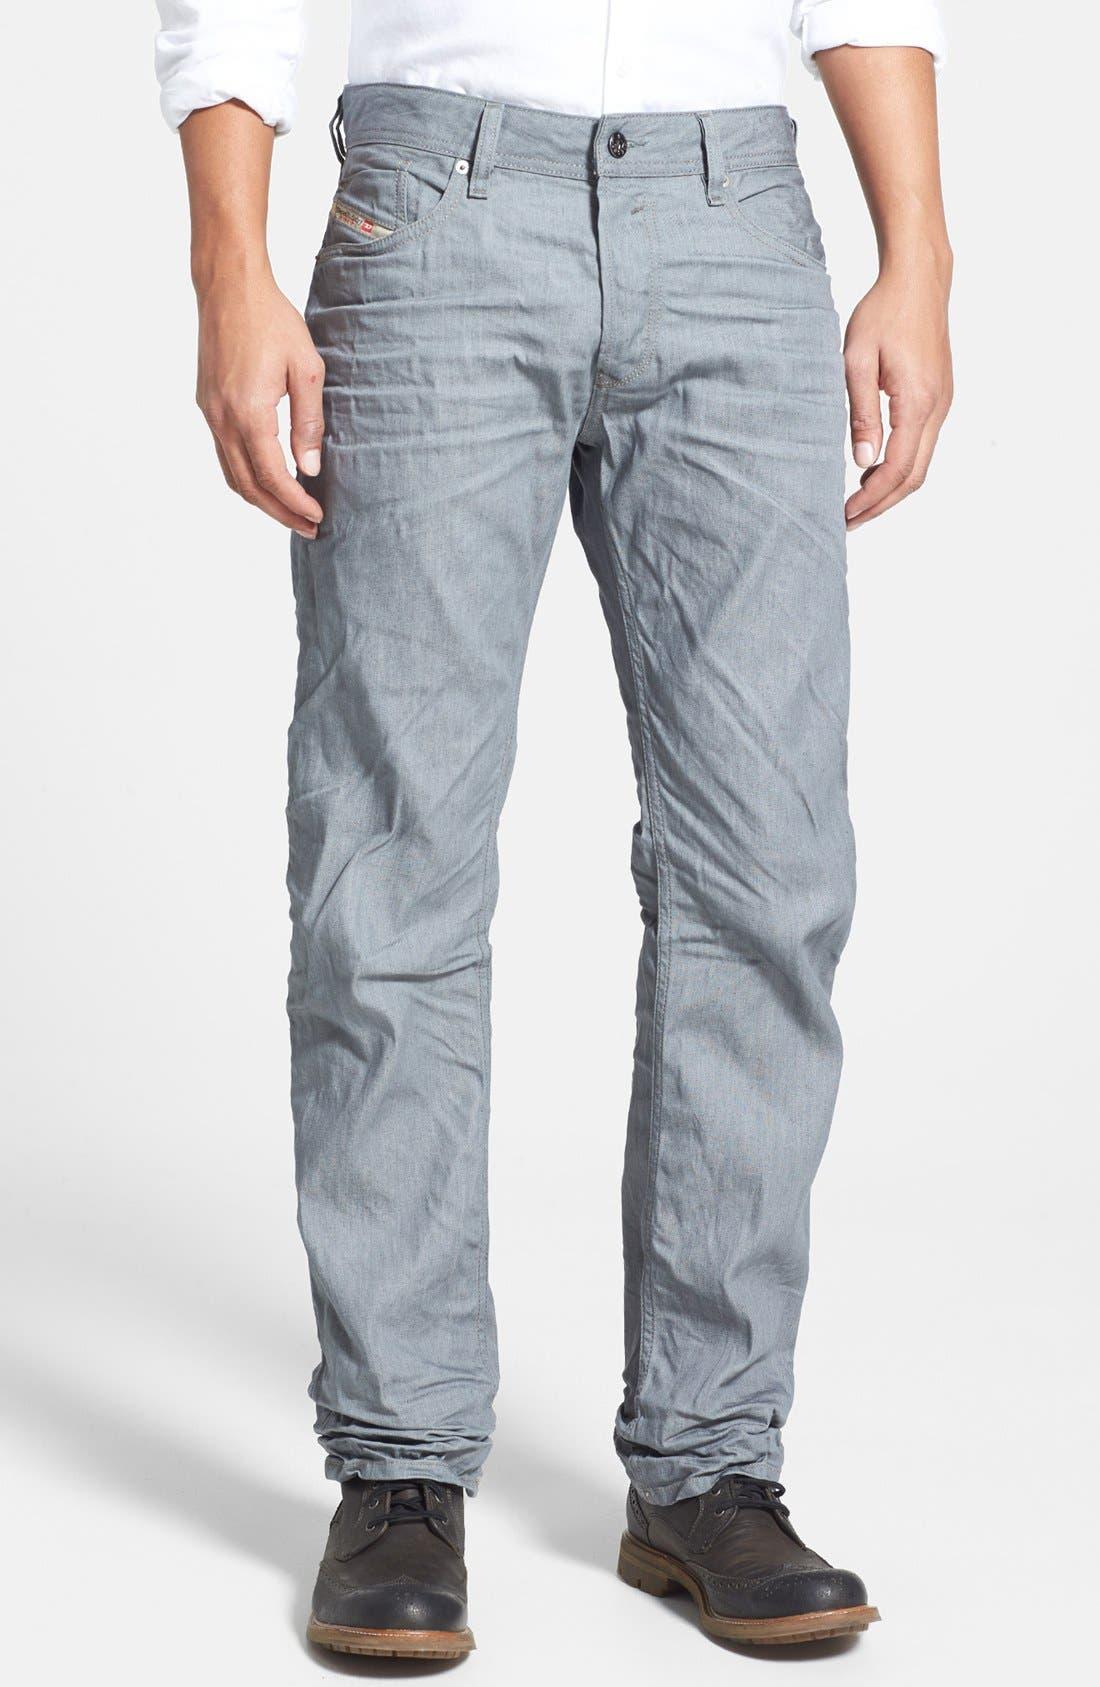 Alternate Image 1 Selected - DIESEL® 'Waykee' Straight Leg Jeans (824H)